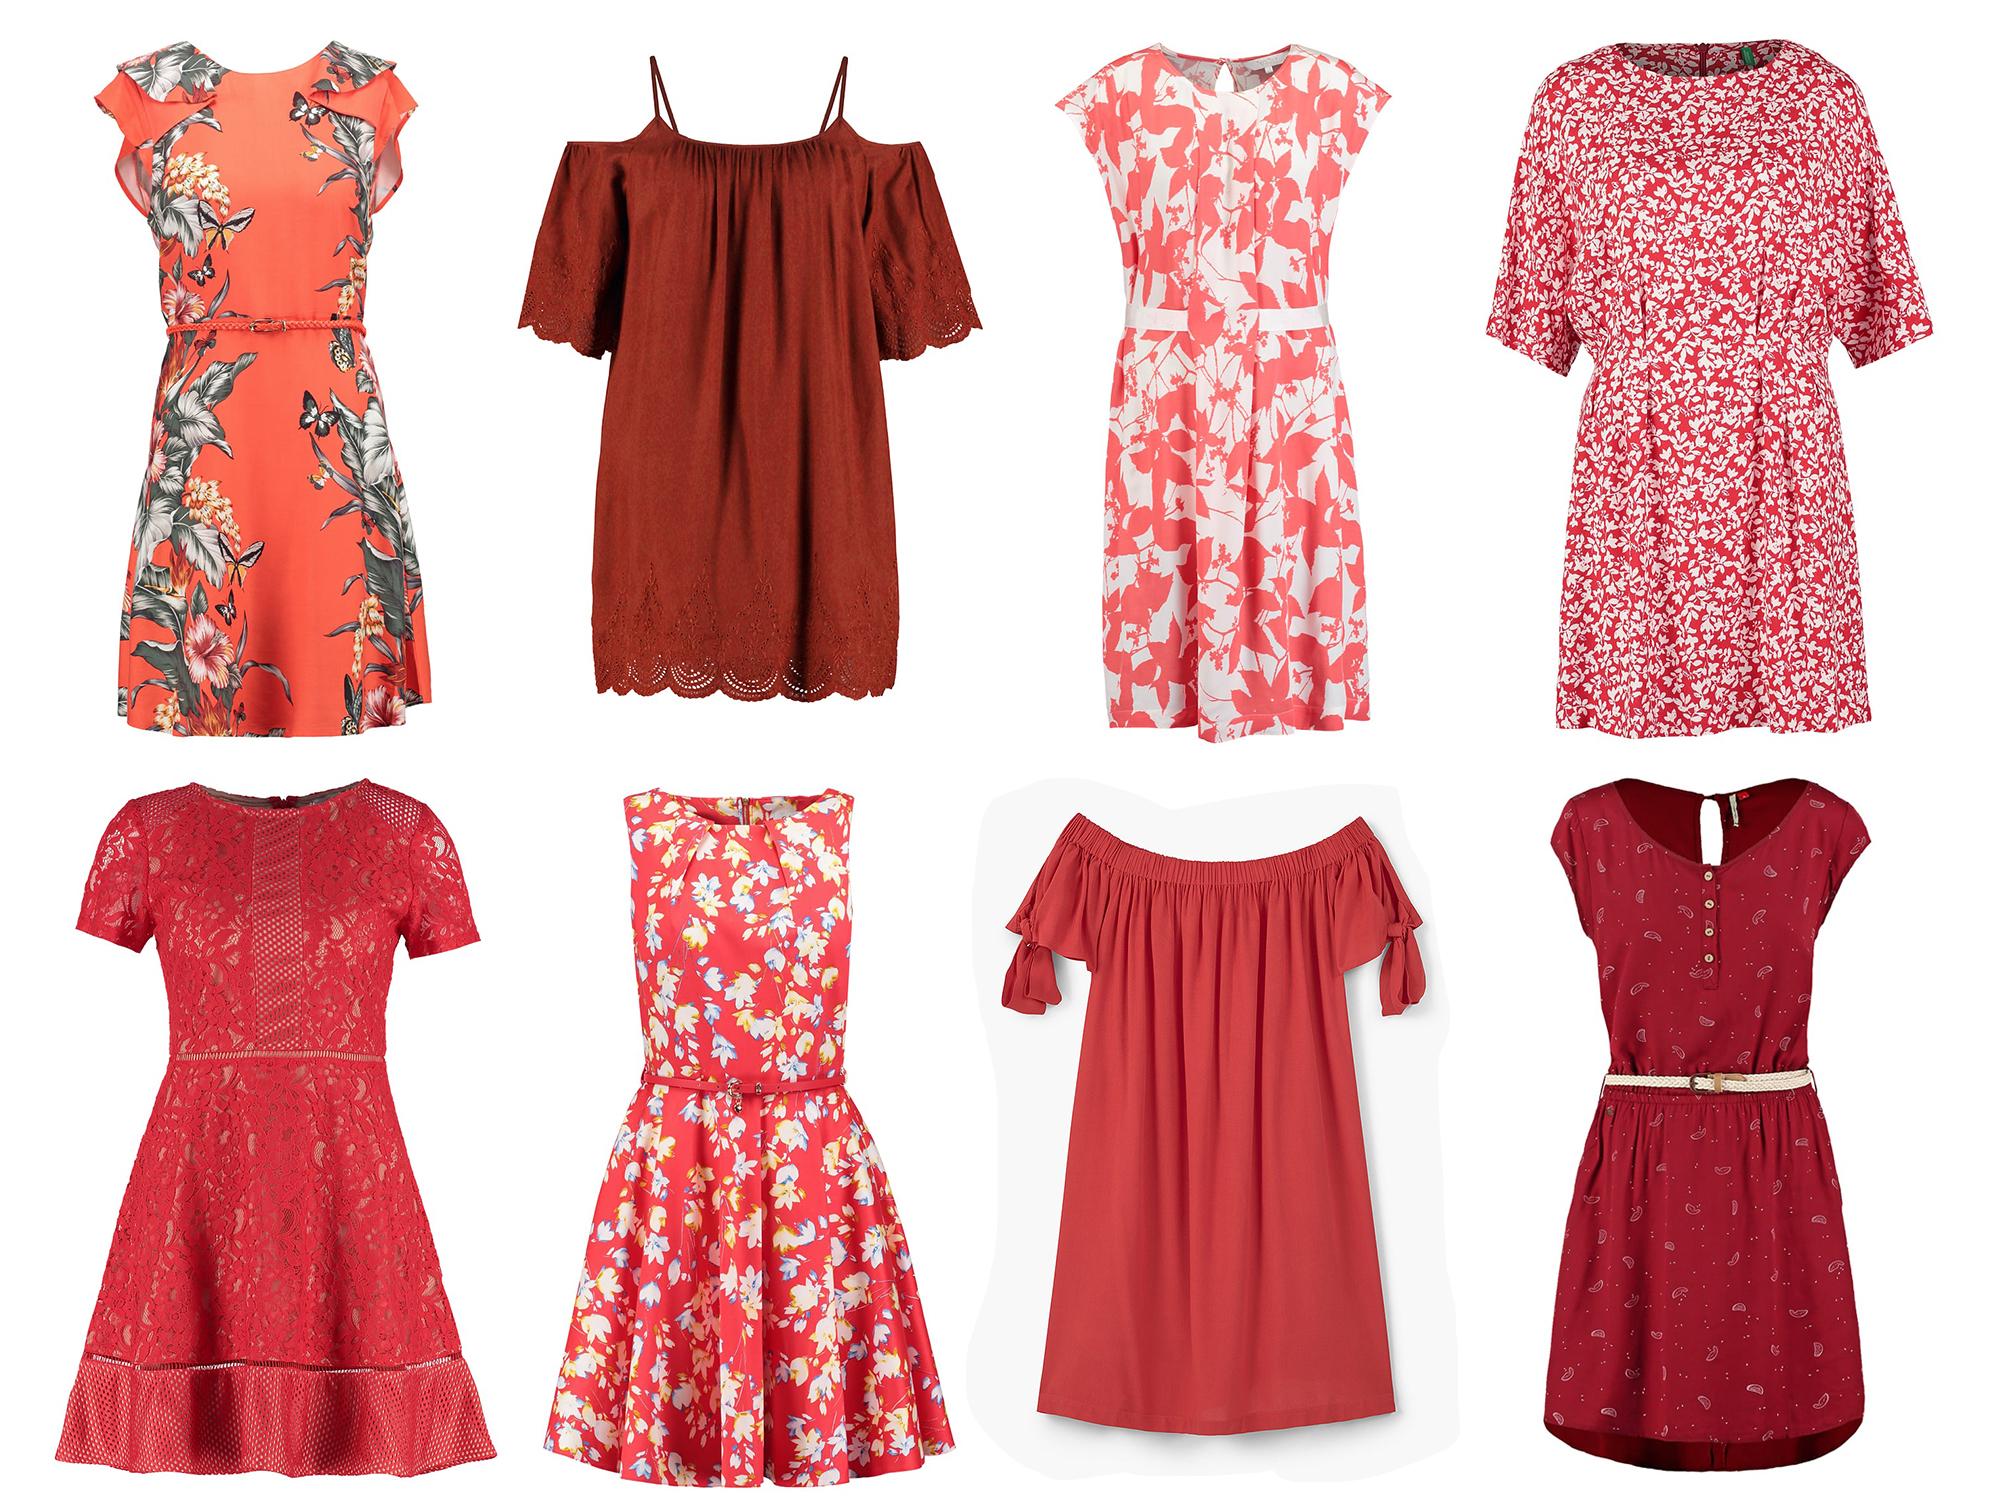 czerwona-sukienka-na-wiosnę